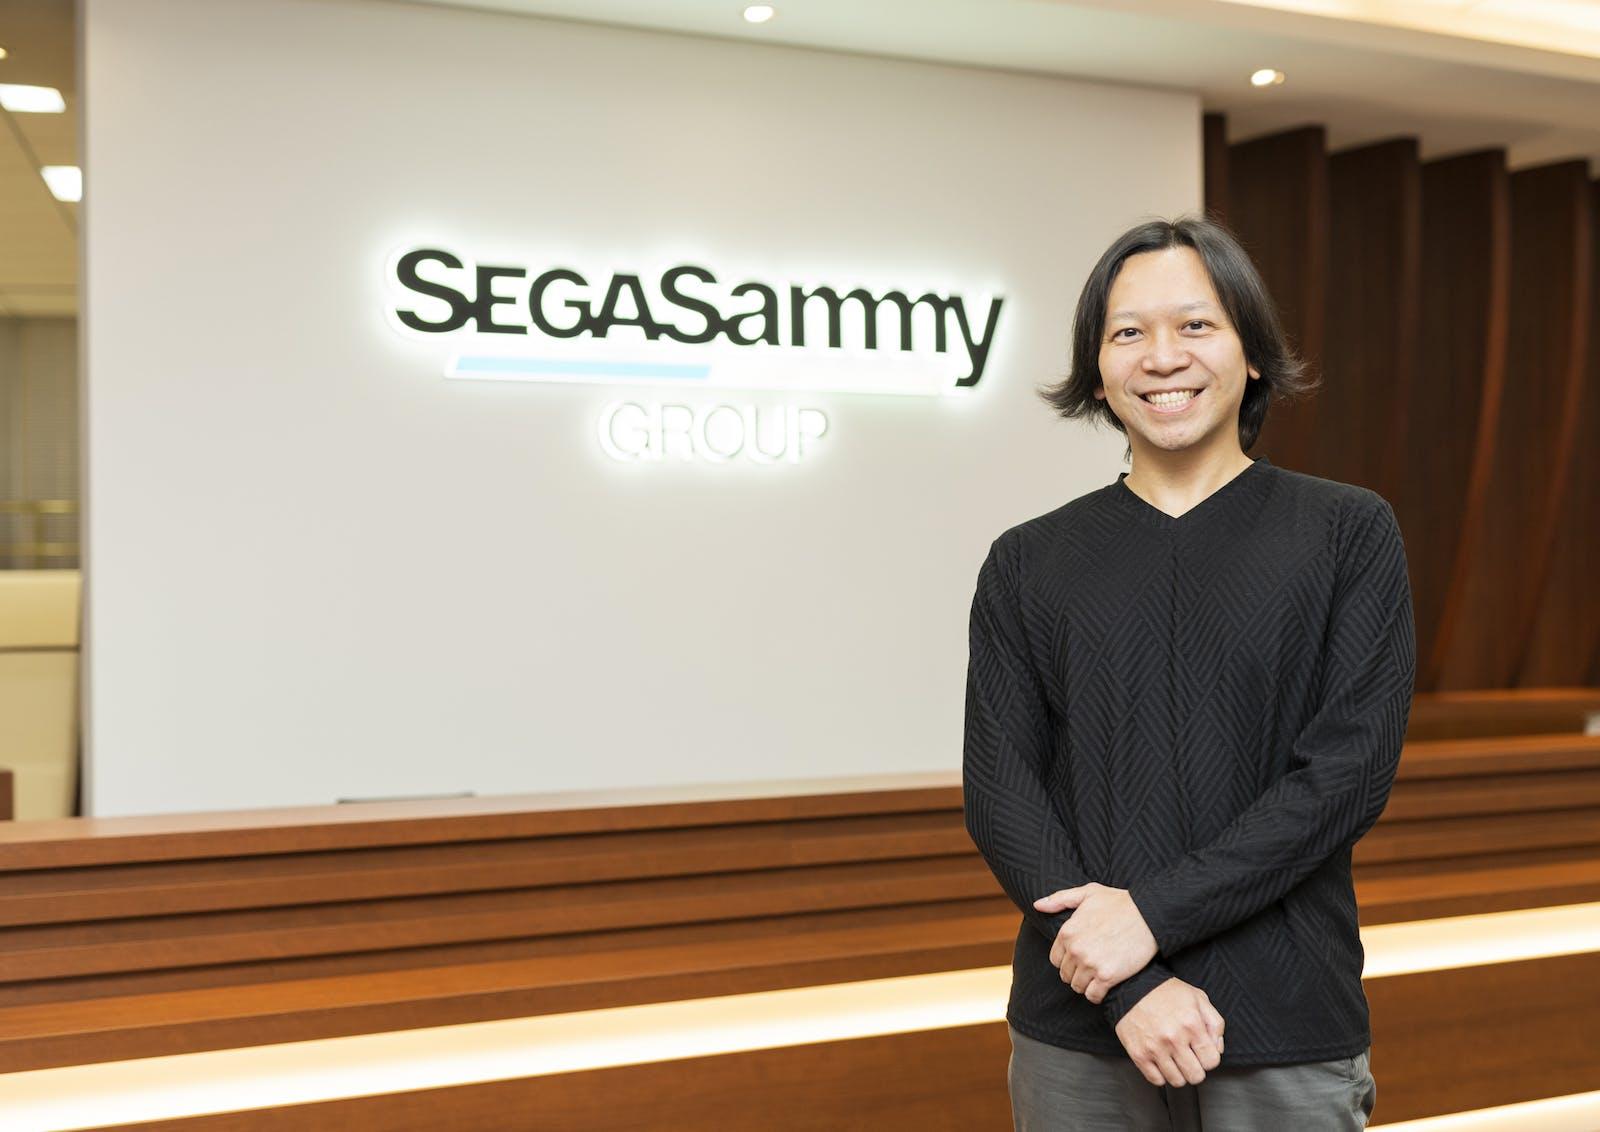 世界一のエンタテインメント企業を目指すセガサミーグループと一緒に、成長していける事業者様を募集!